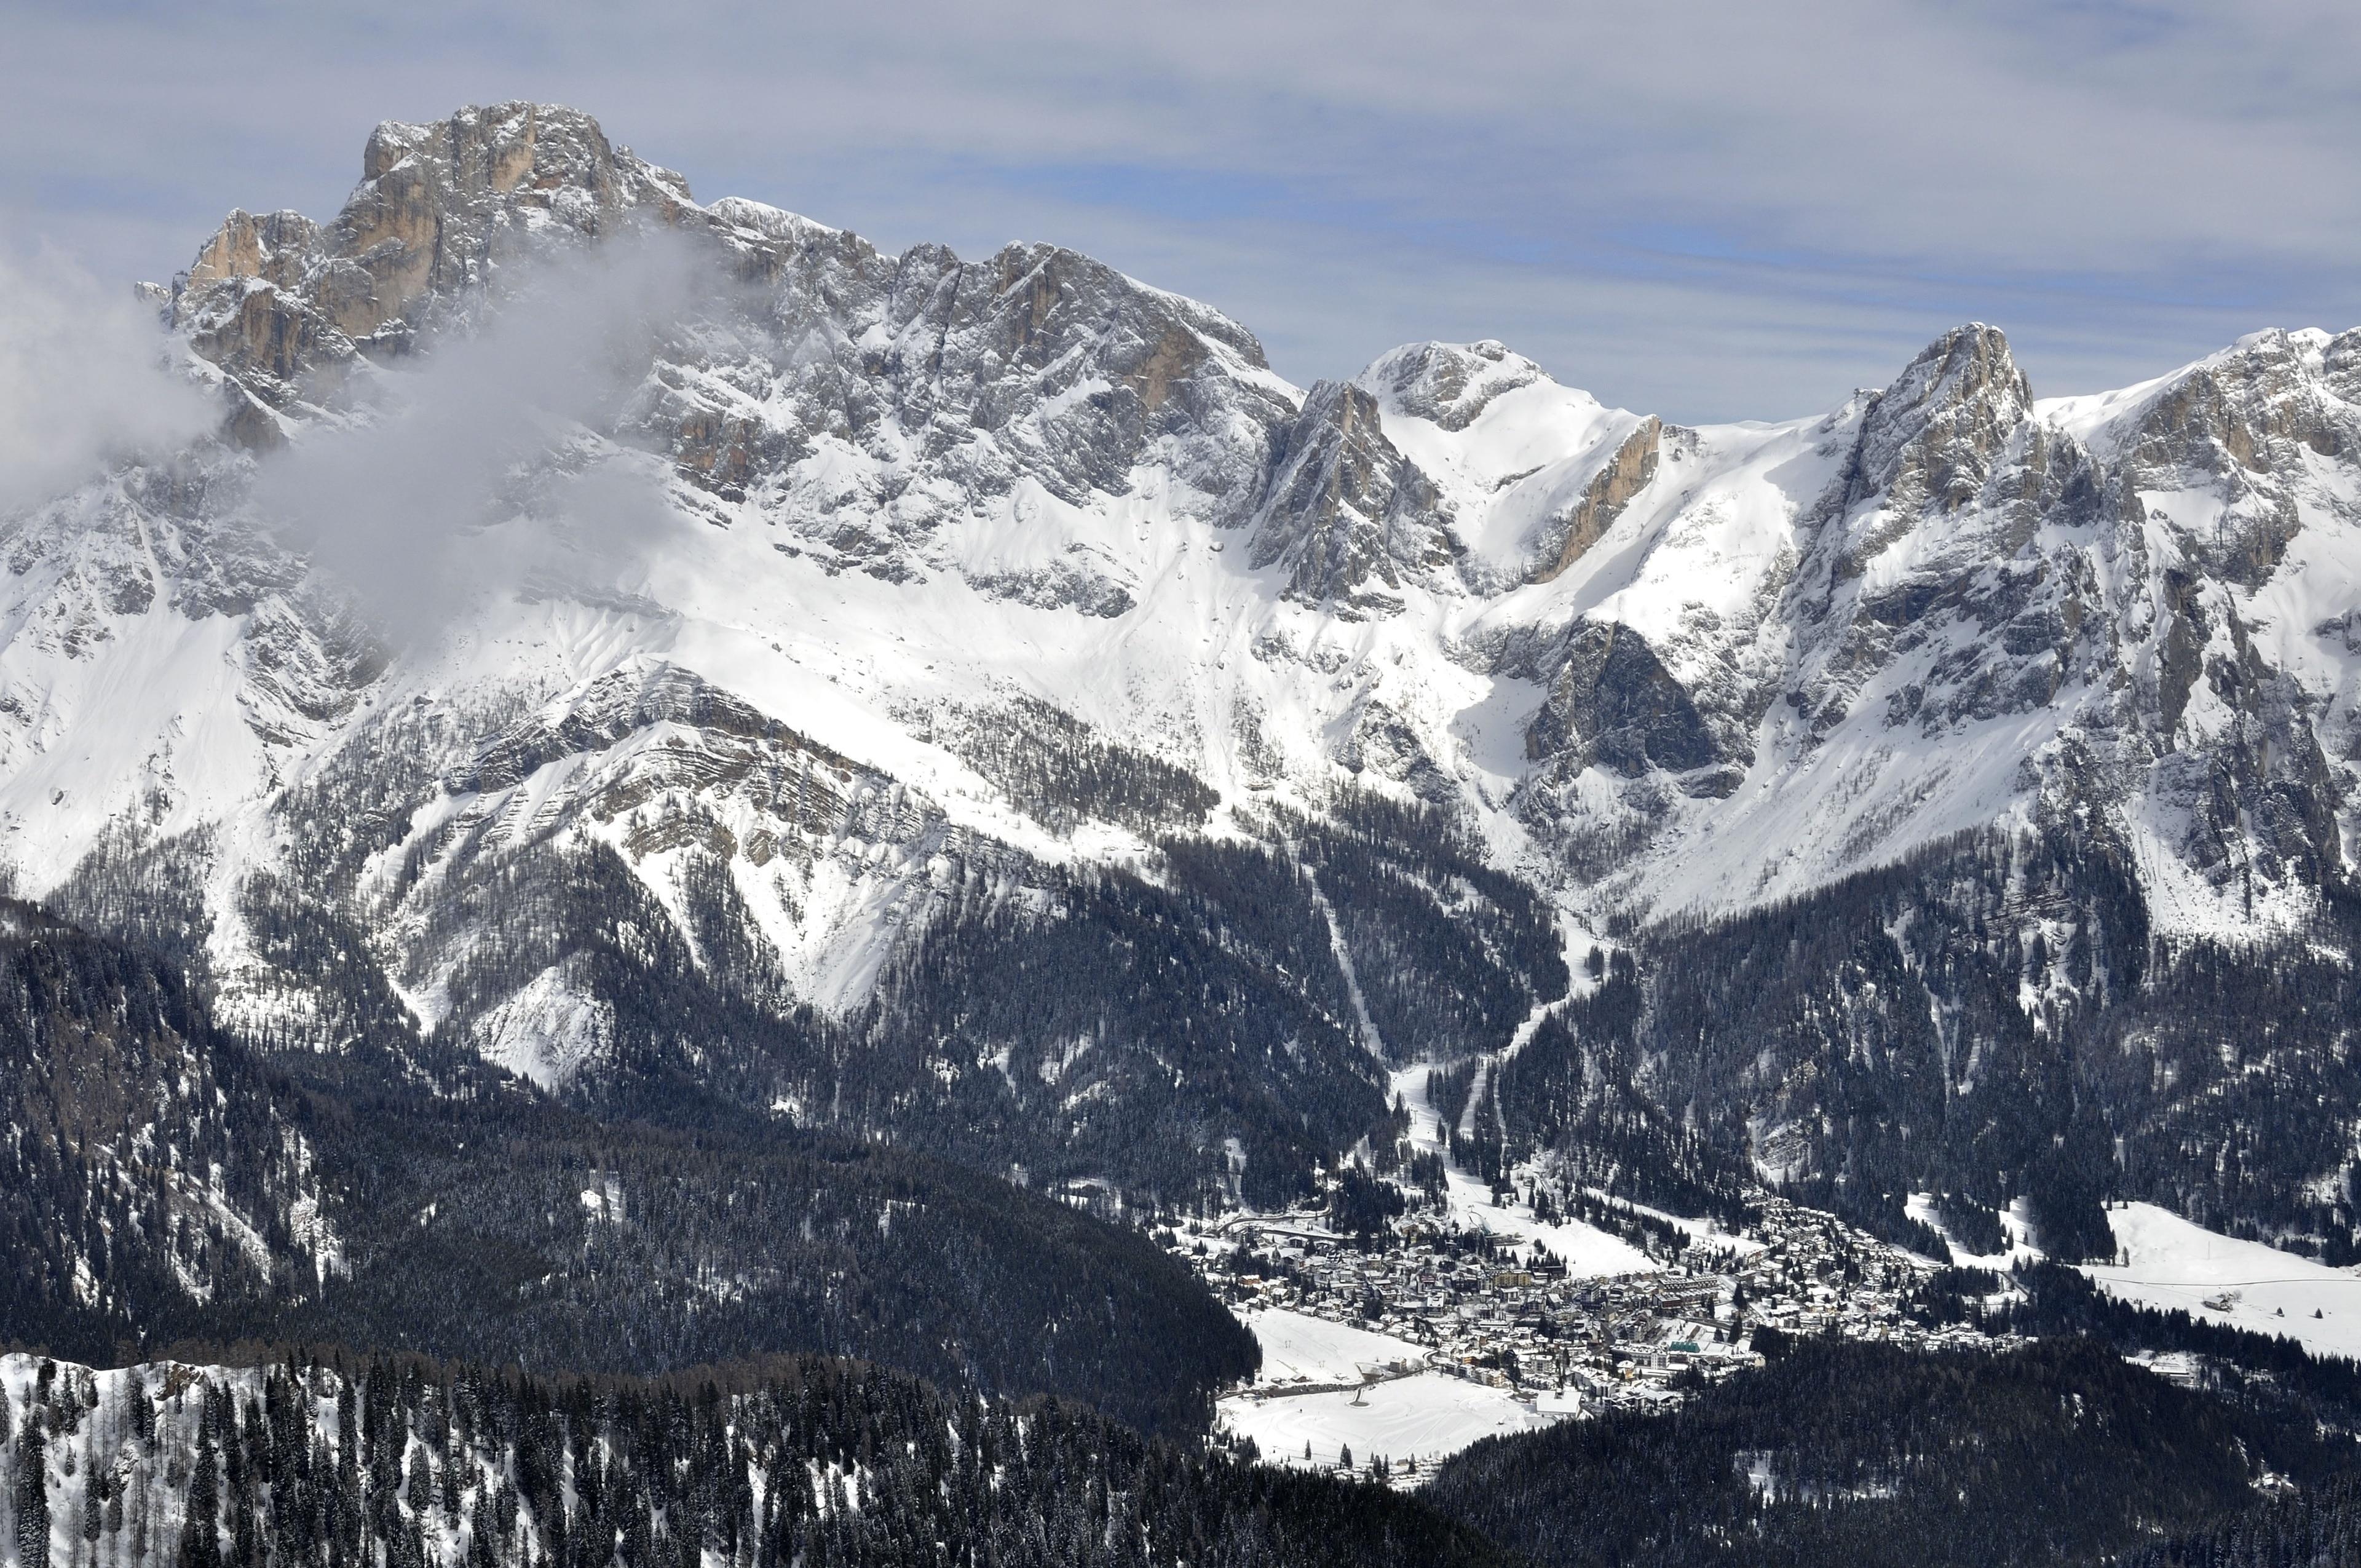 San Martino di Castrozza, Primiero San Martino di Castrozza, Trentino-Alto Adige, Italy